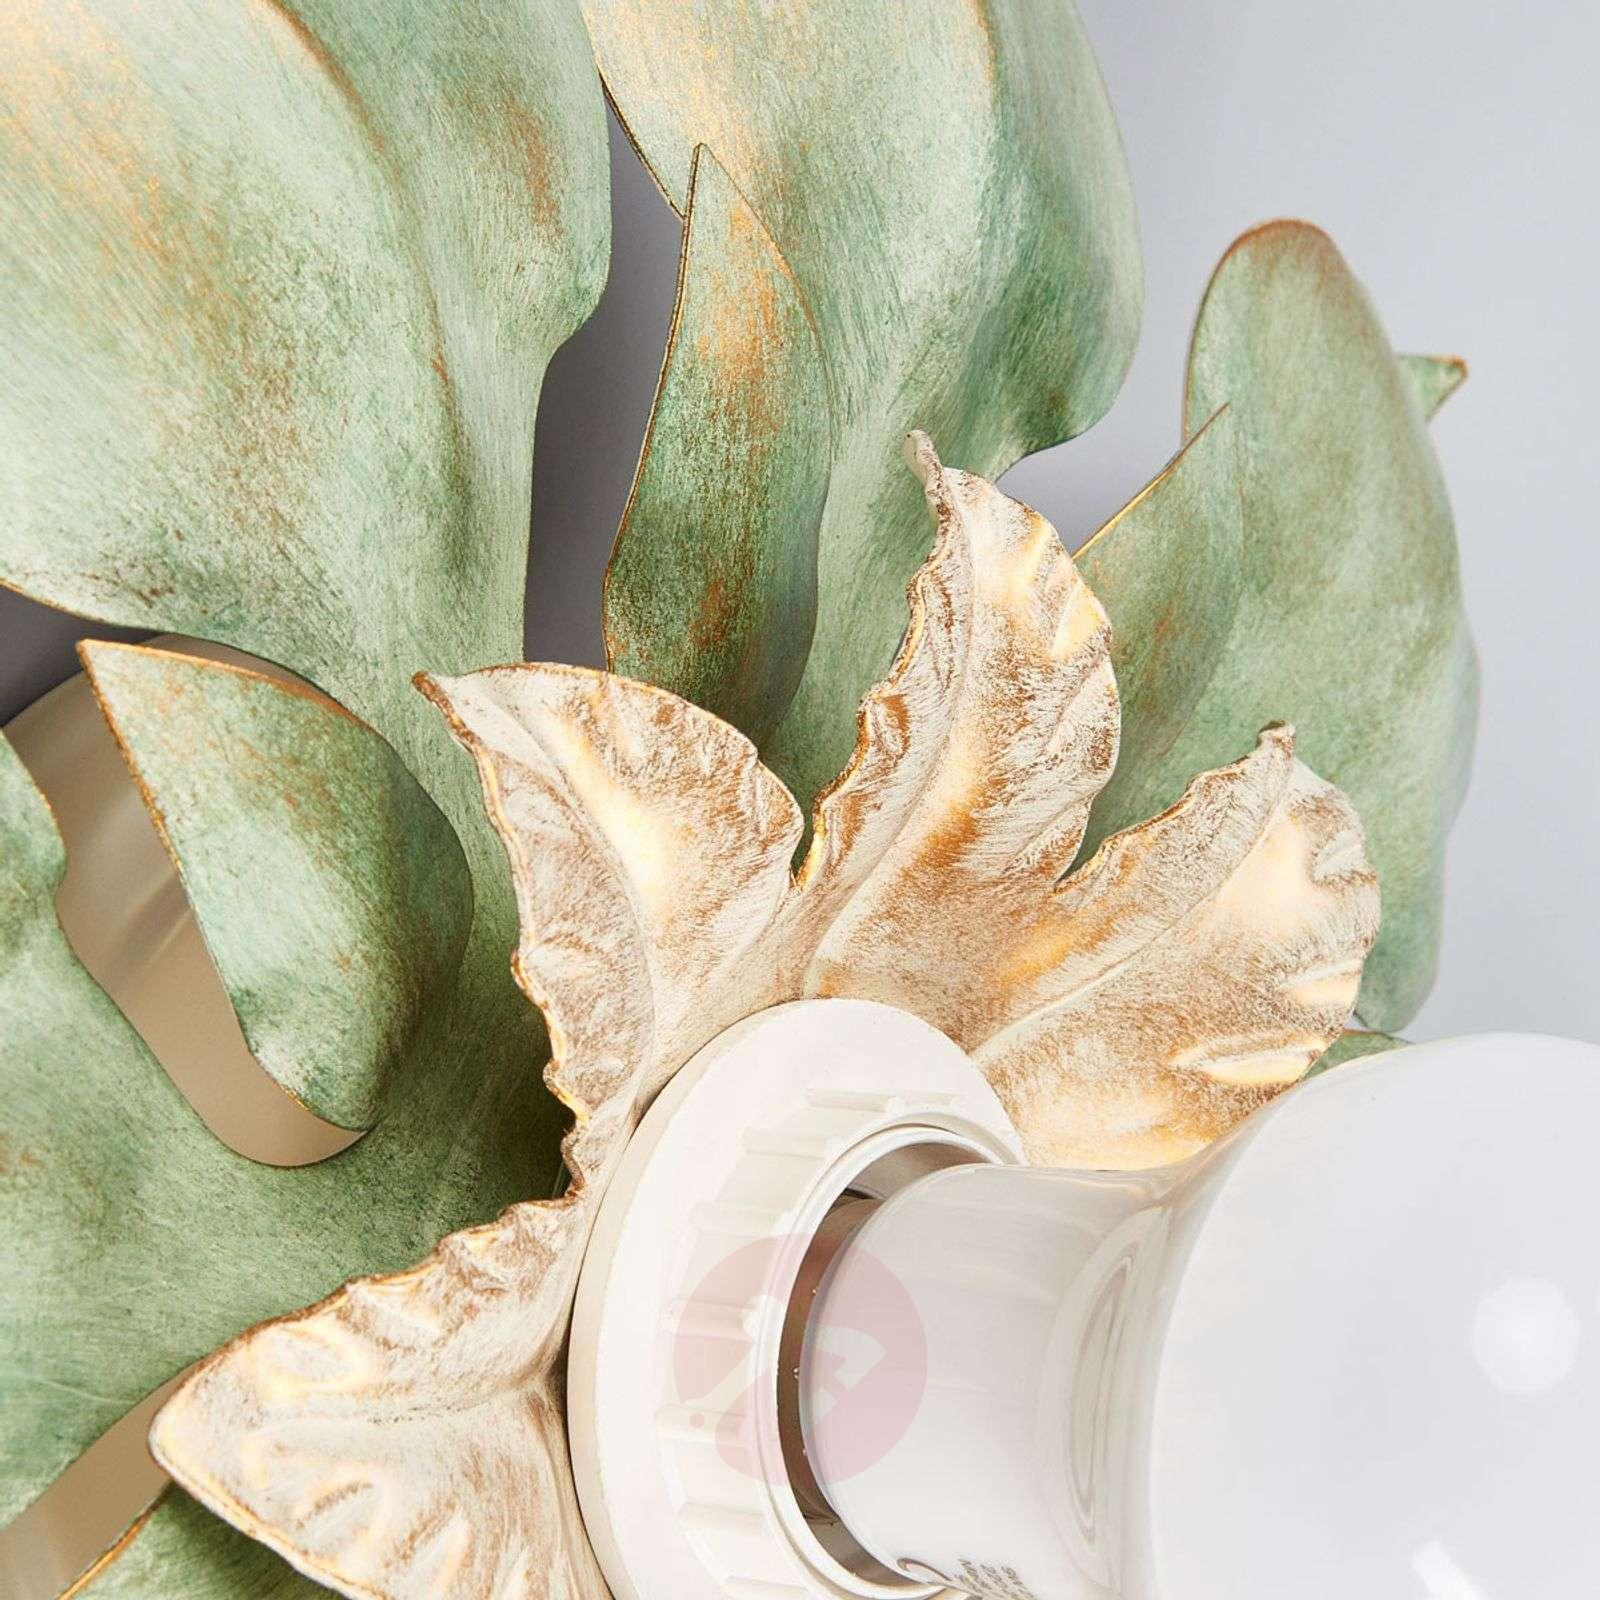 Firenzeläis antiikkivihreä seinävalo Blossom-7254529-01